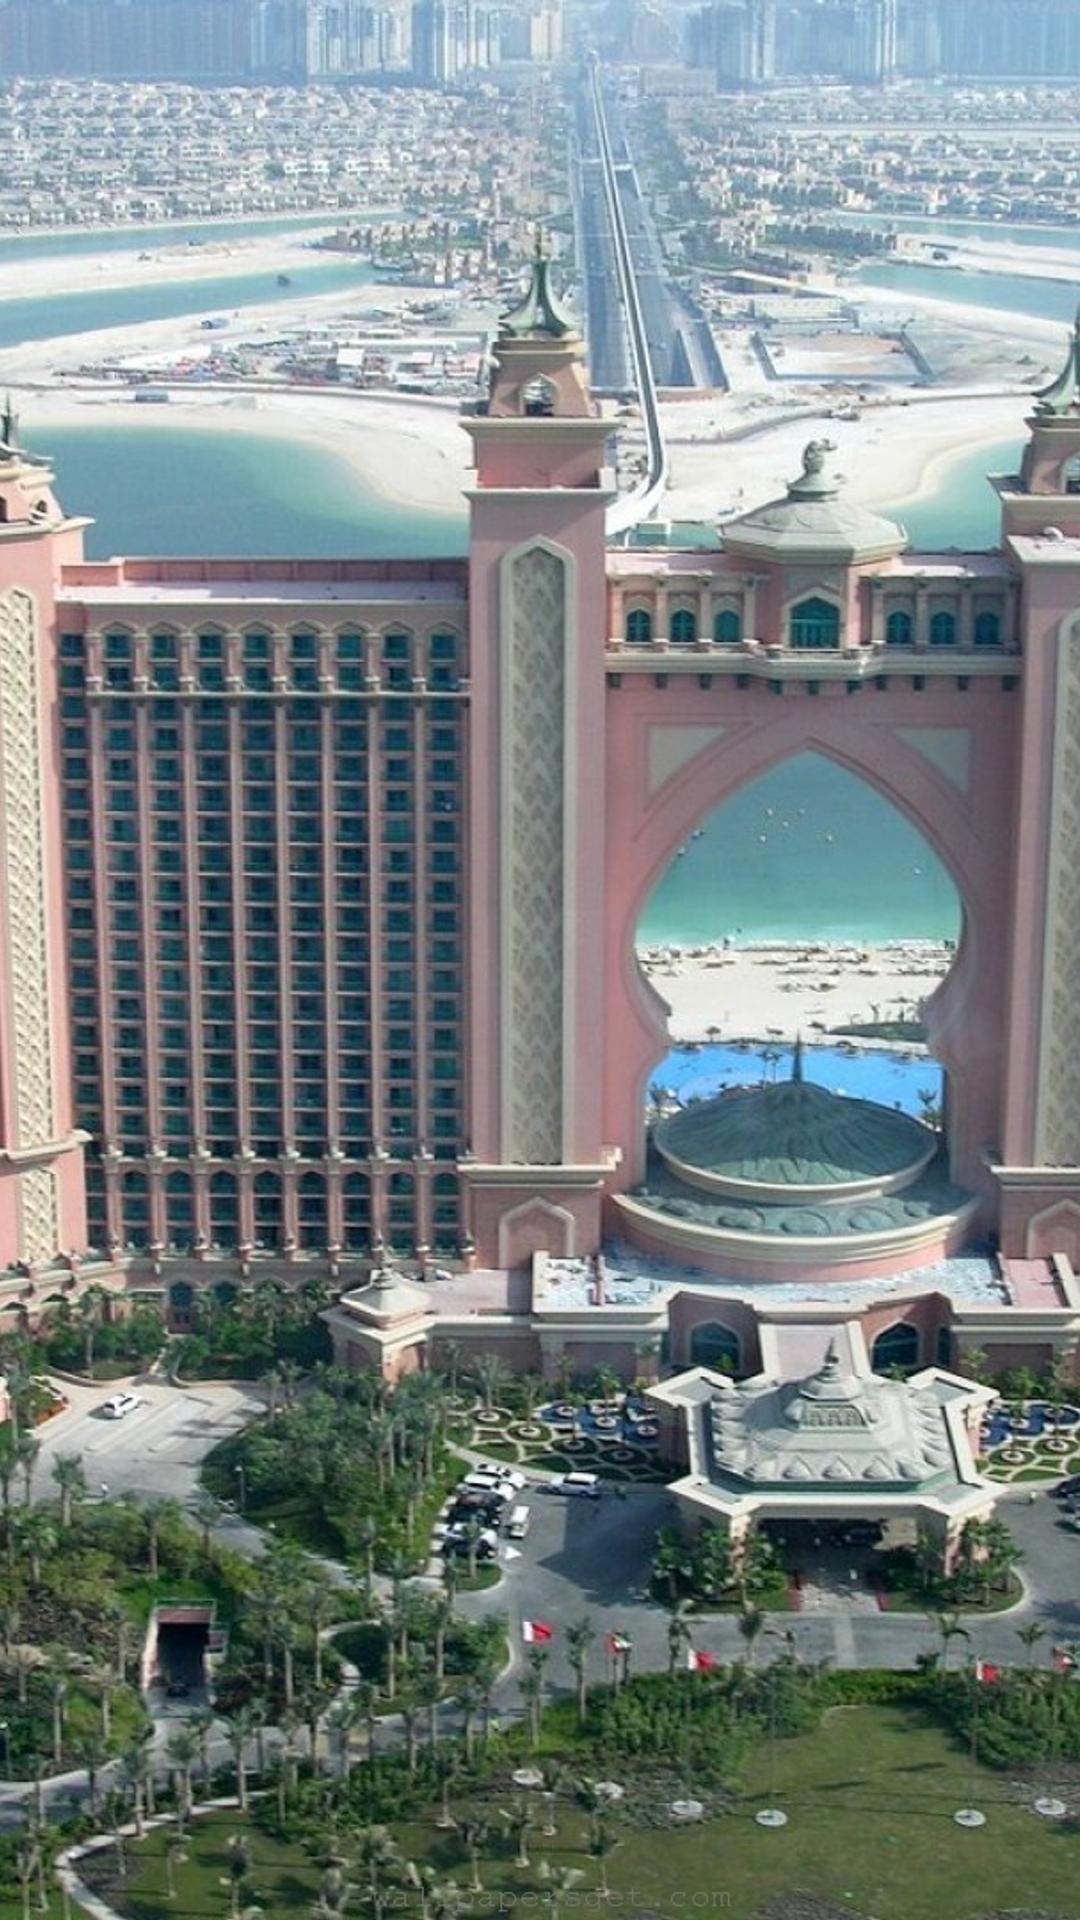 architecture: dubai building hd wallpaper download 1080x1920